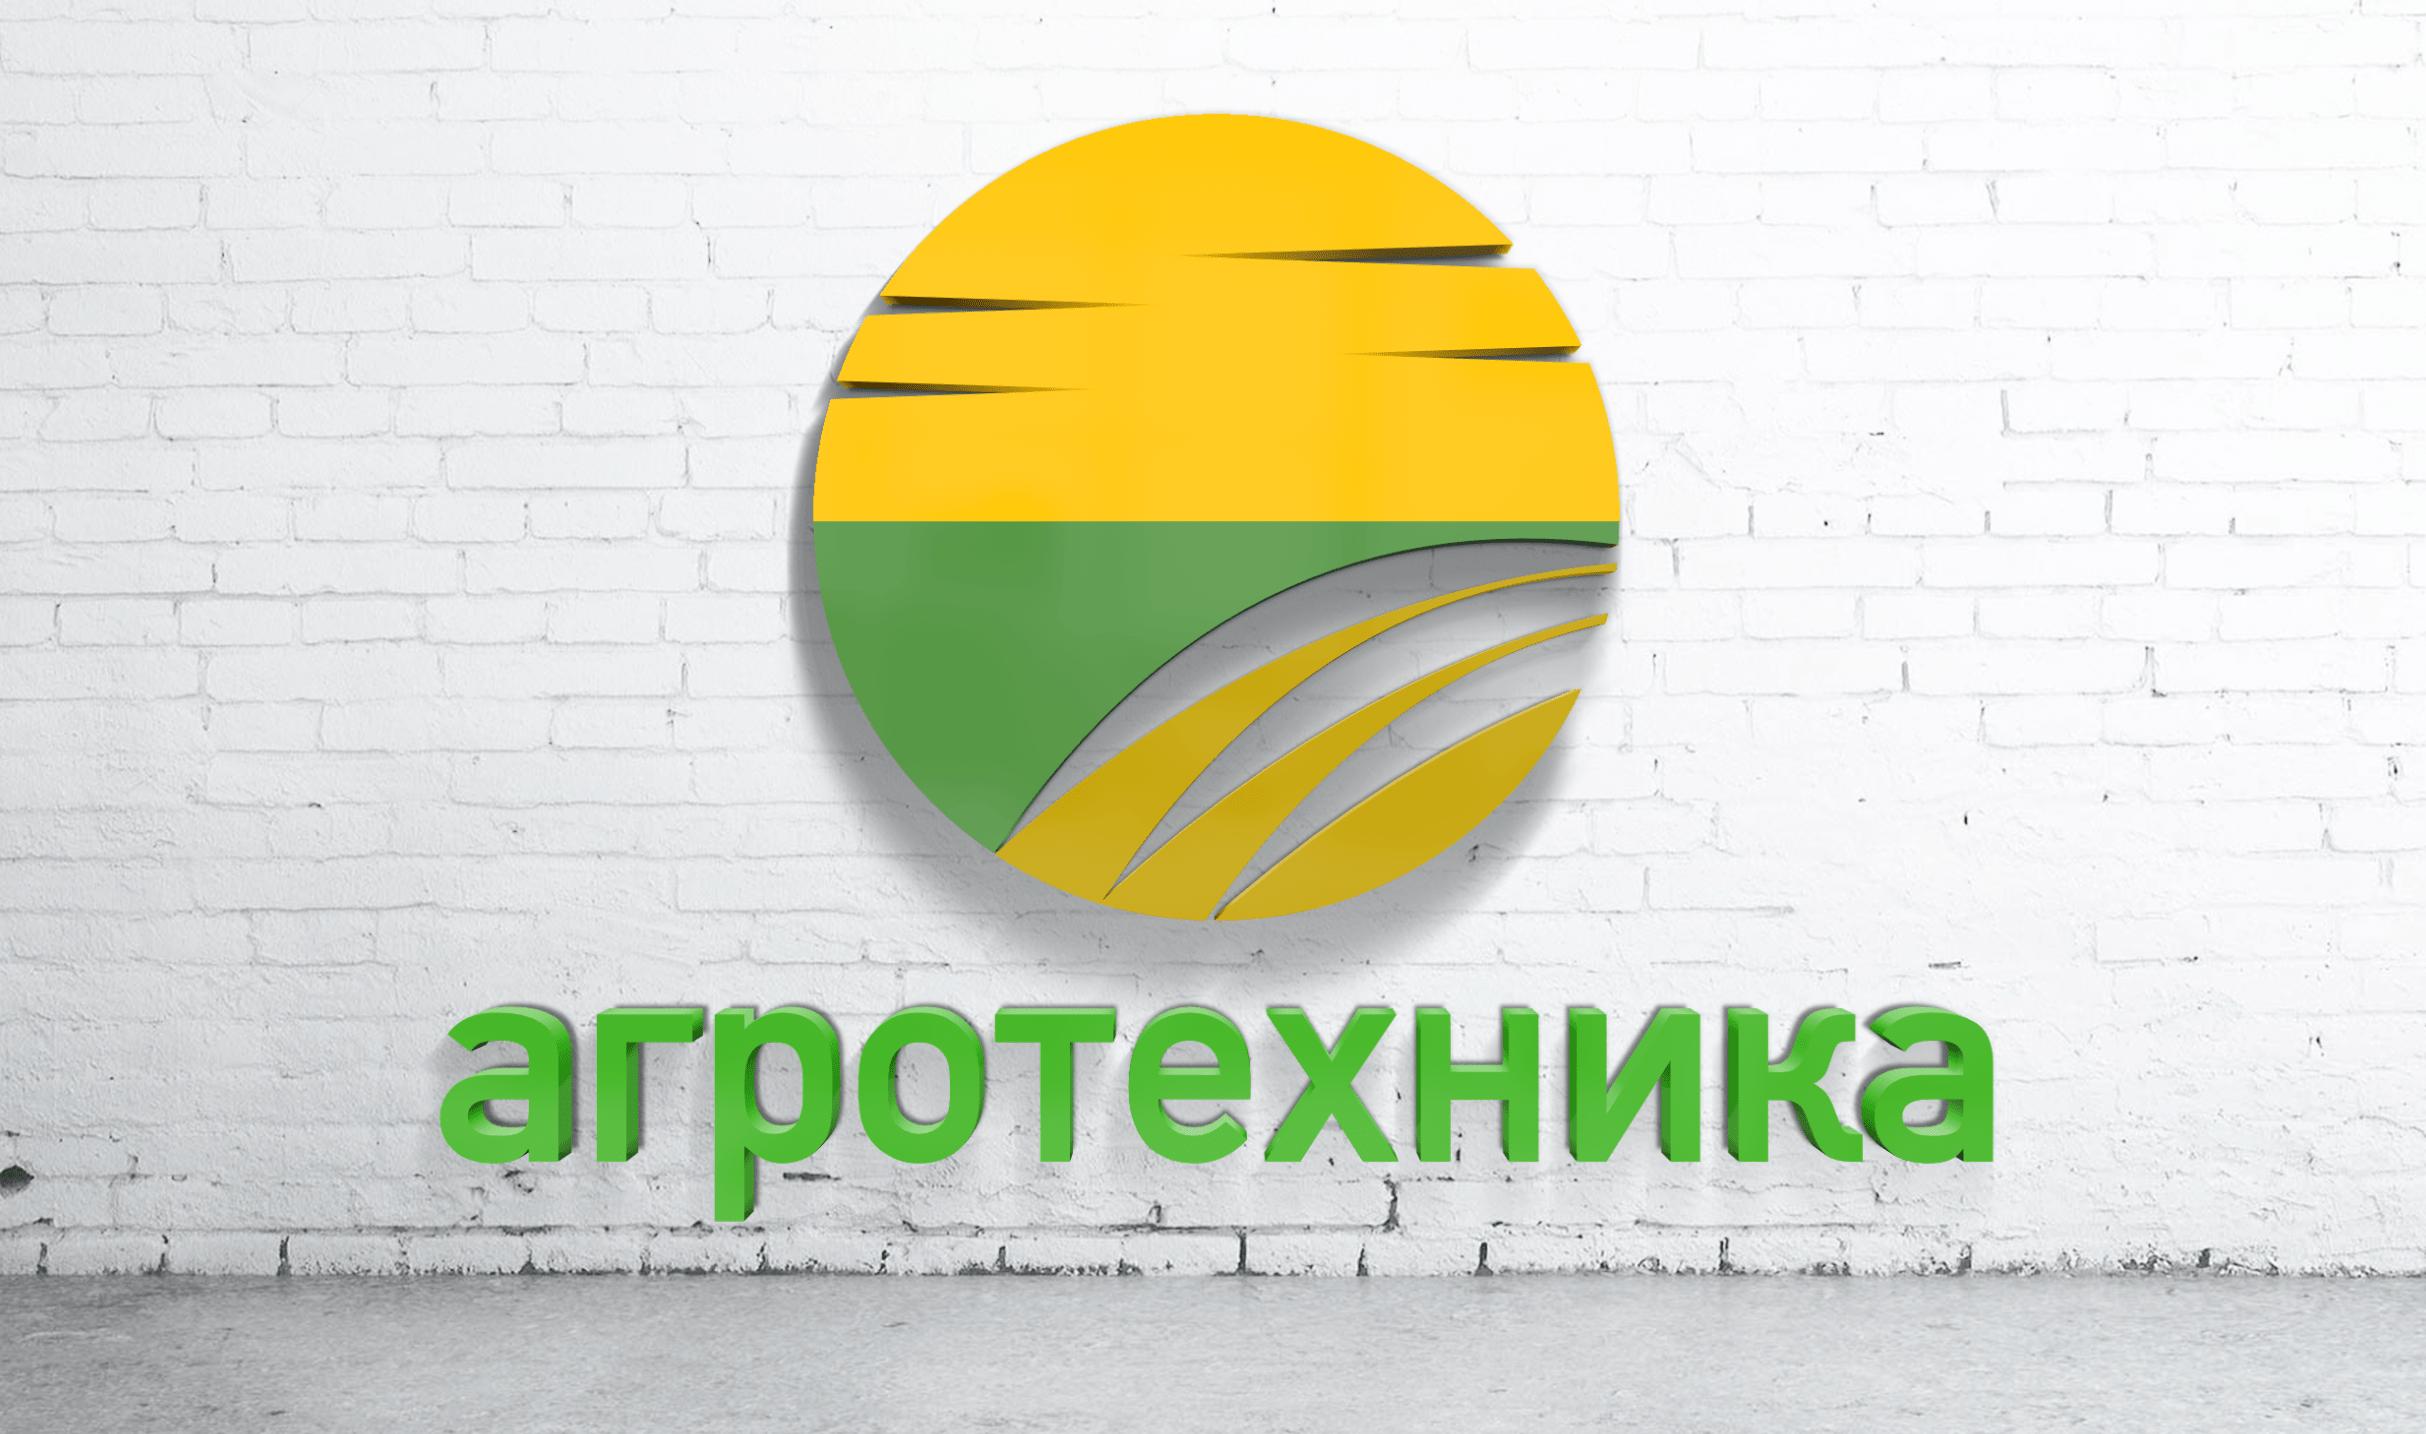 Разработка логотипа для компании Агротехника фото f_1295c01595f7ab16.png